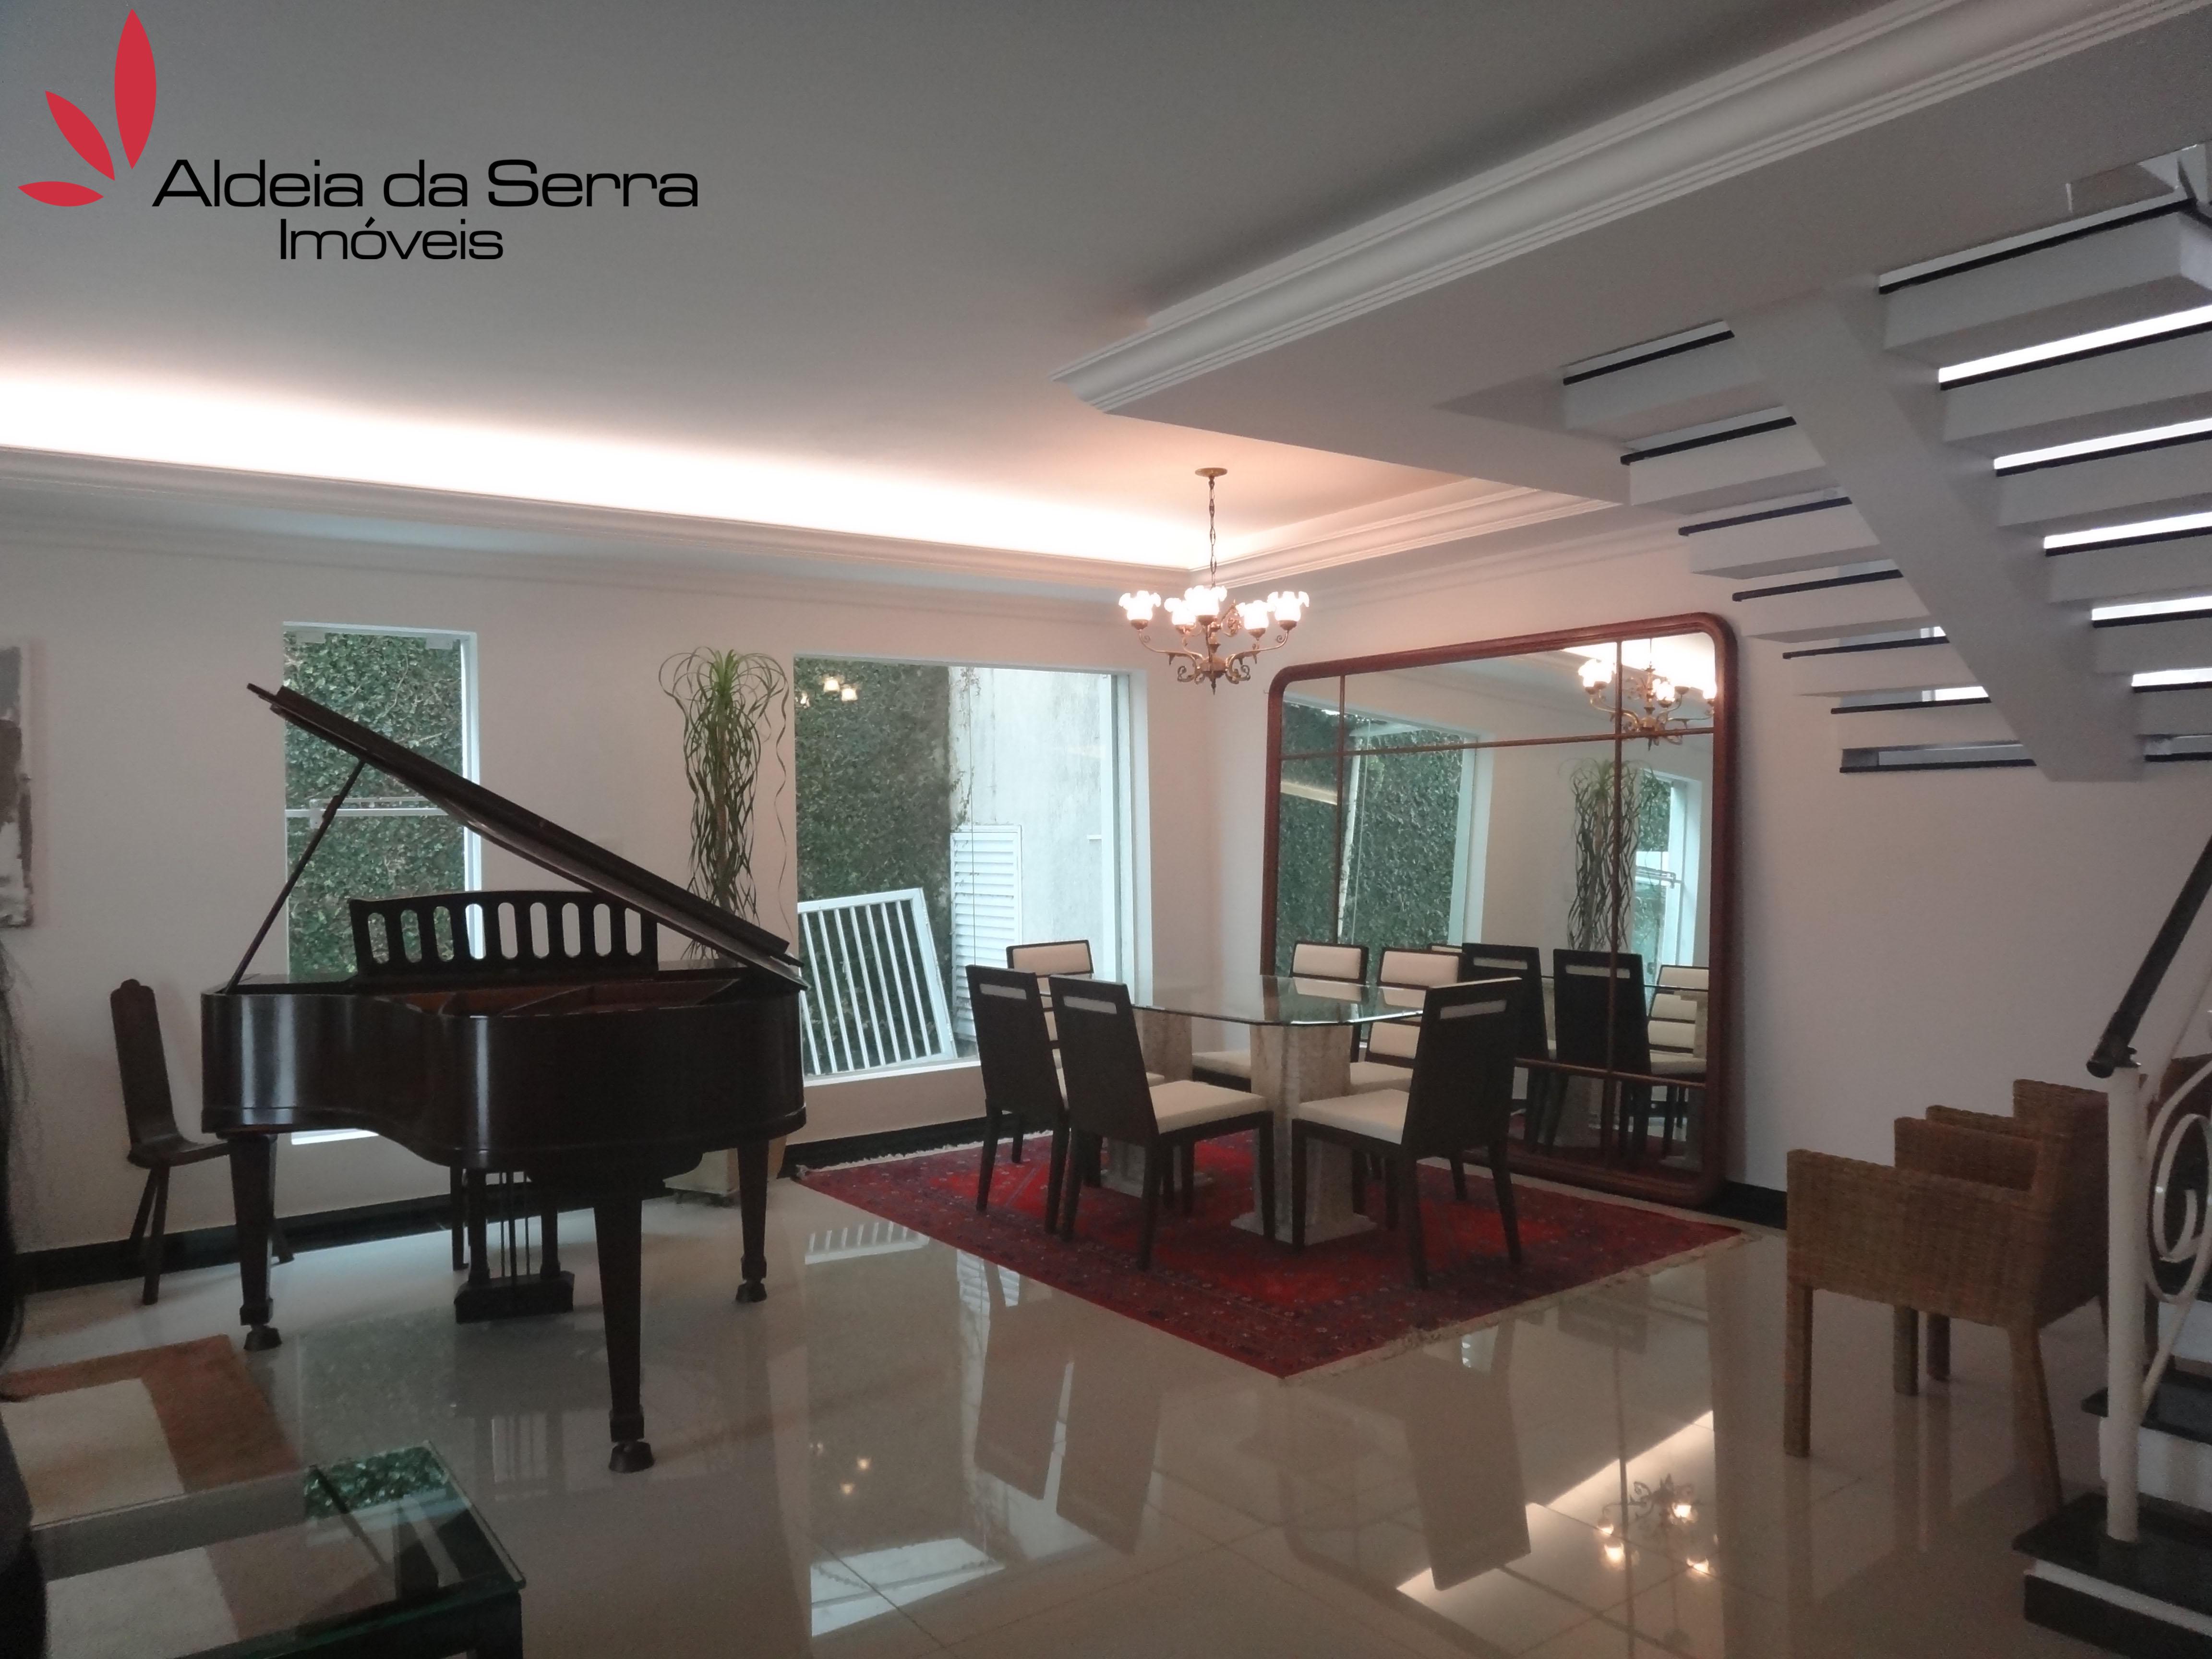 /admin/imoveis/fotos/imagem4(7).jpg Aldeia da Serra Imoveis